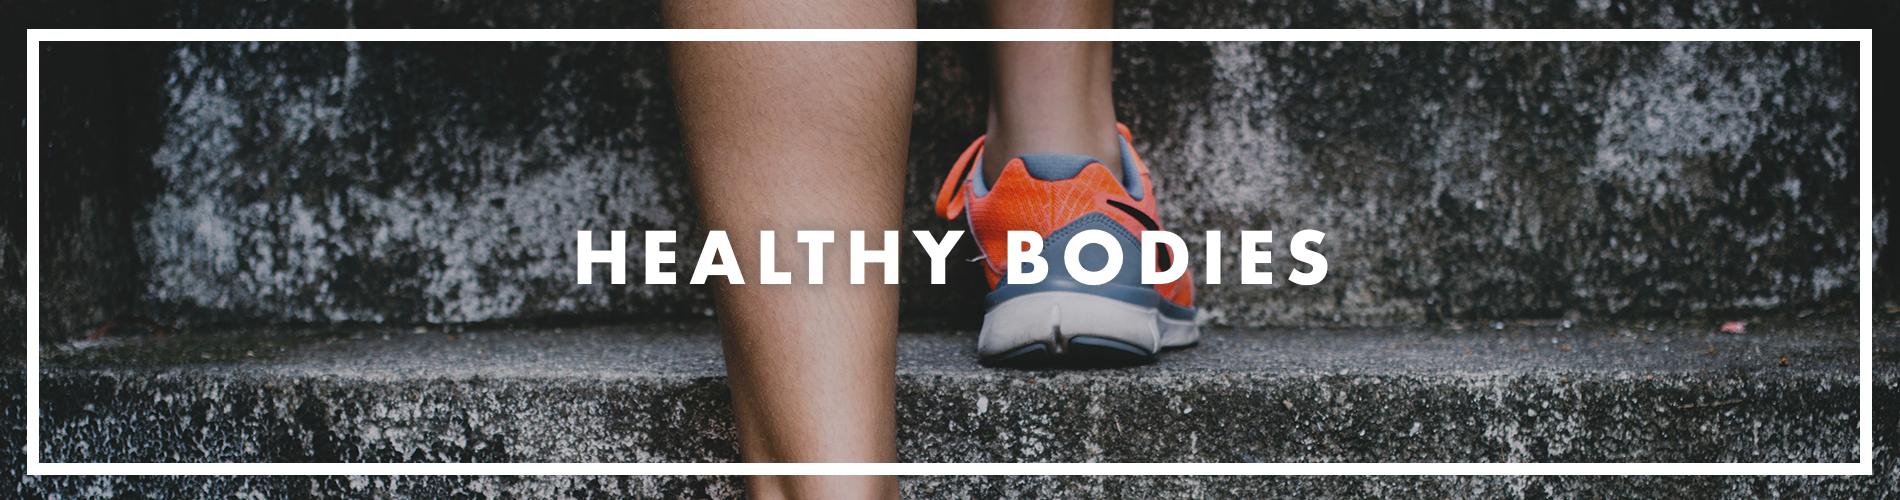 healthy bodies header